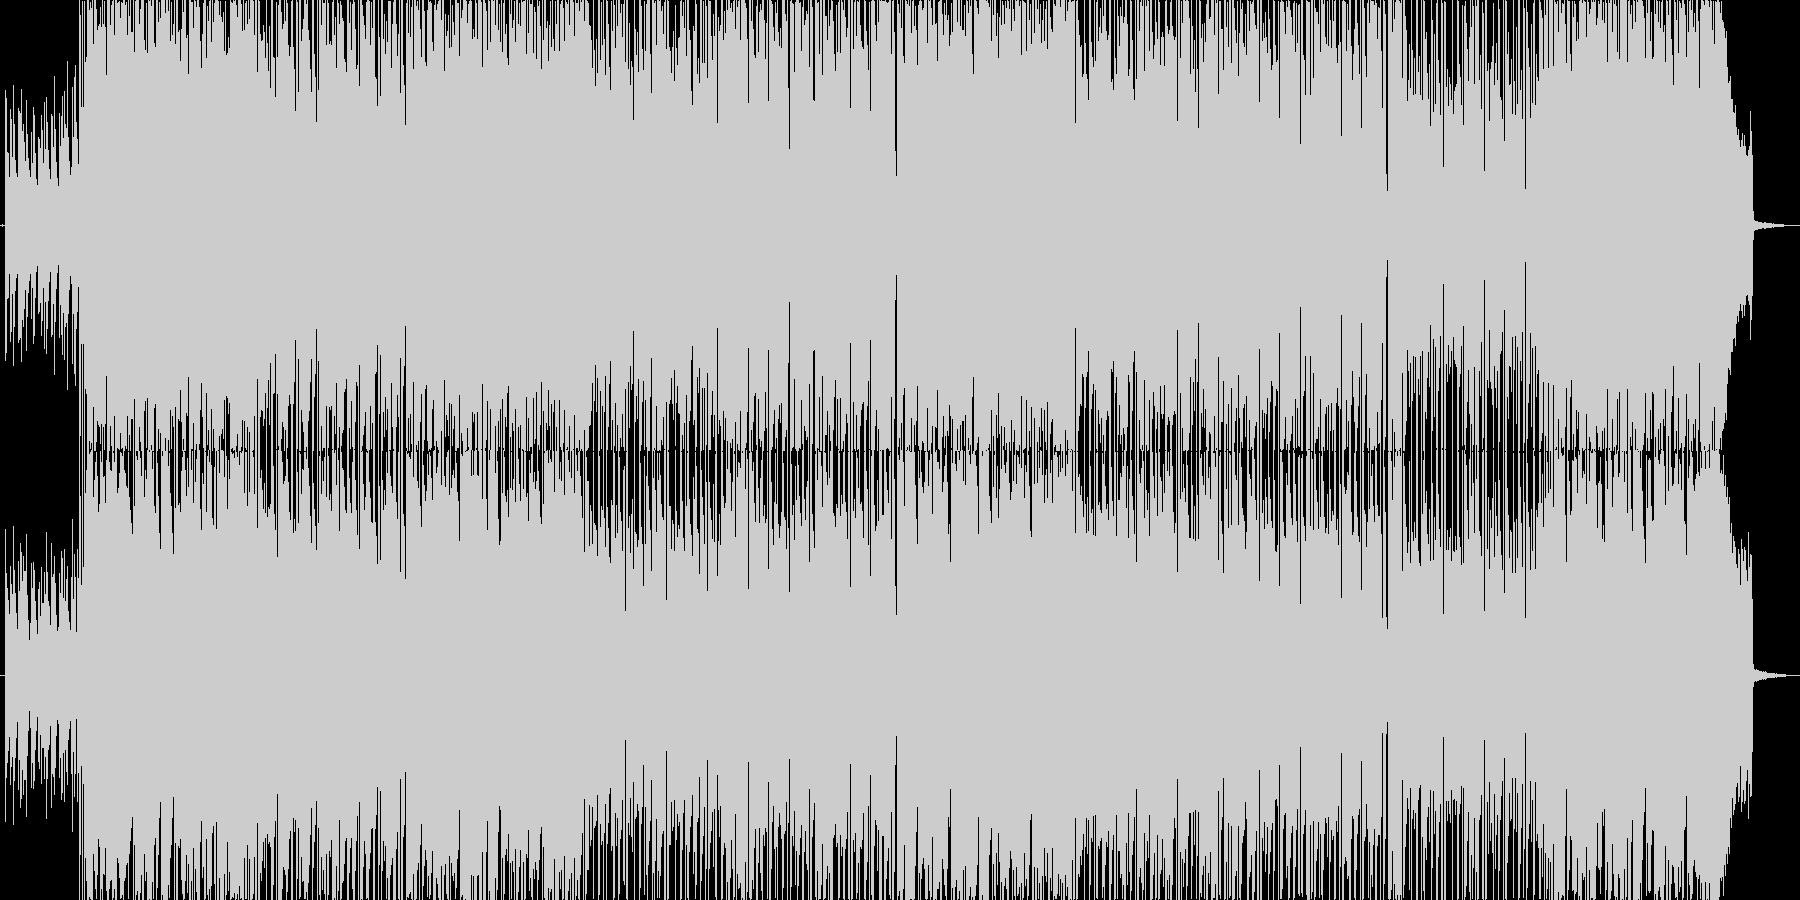 【ほのぼの系】お散歩ポップス【映像】の未再生の波形